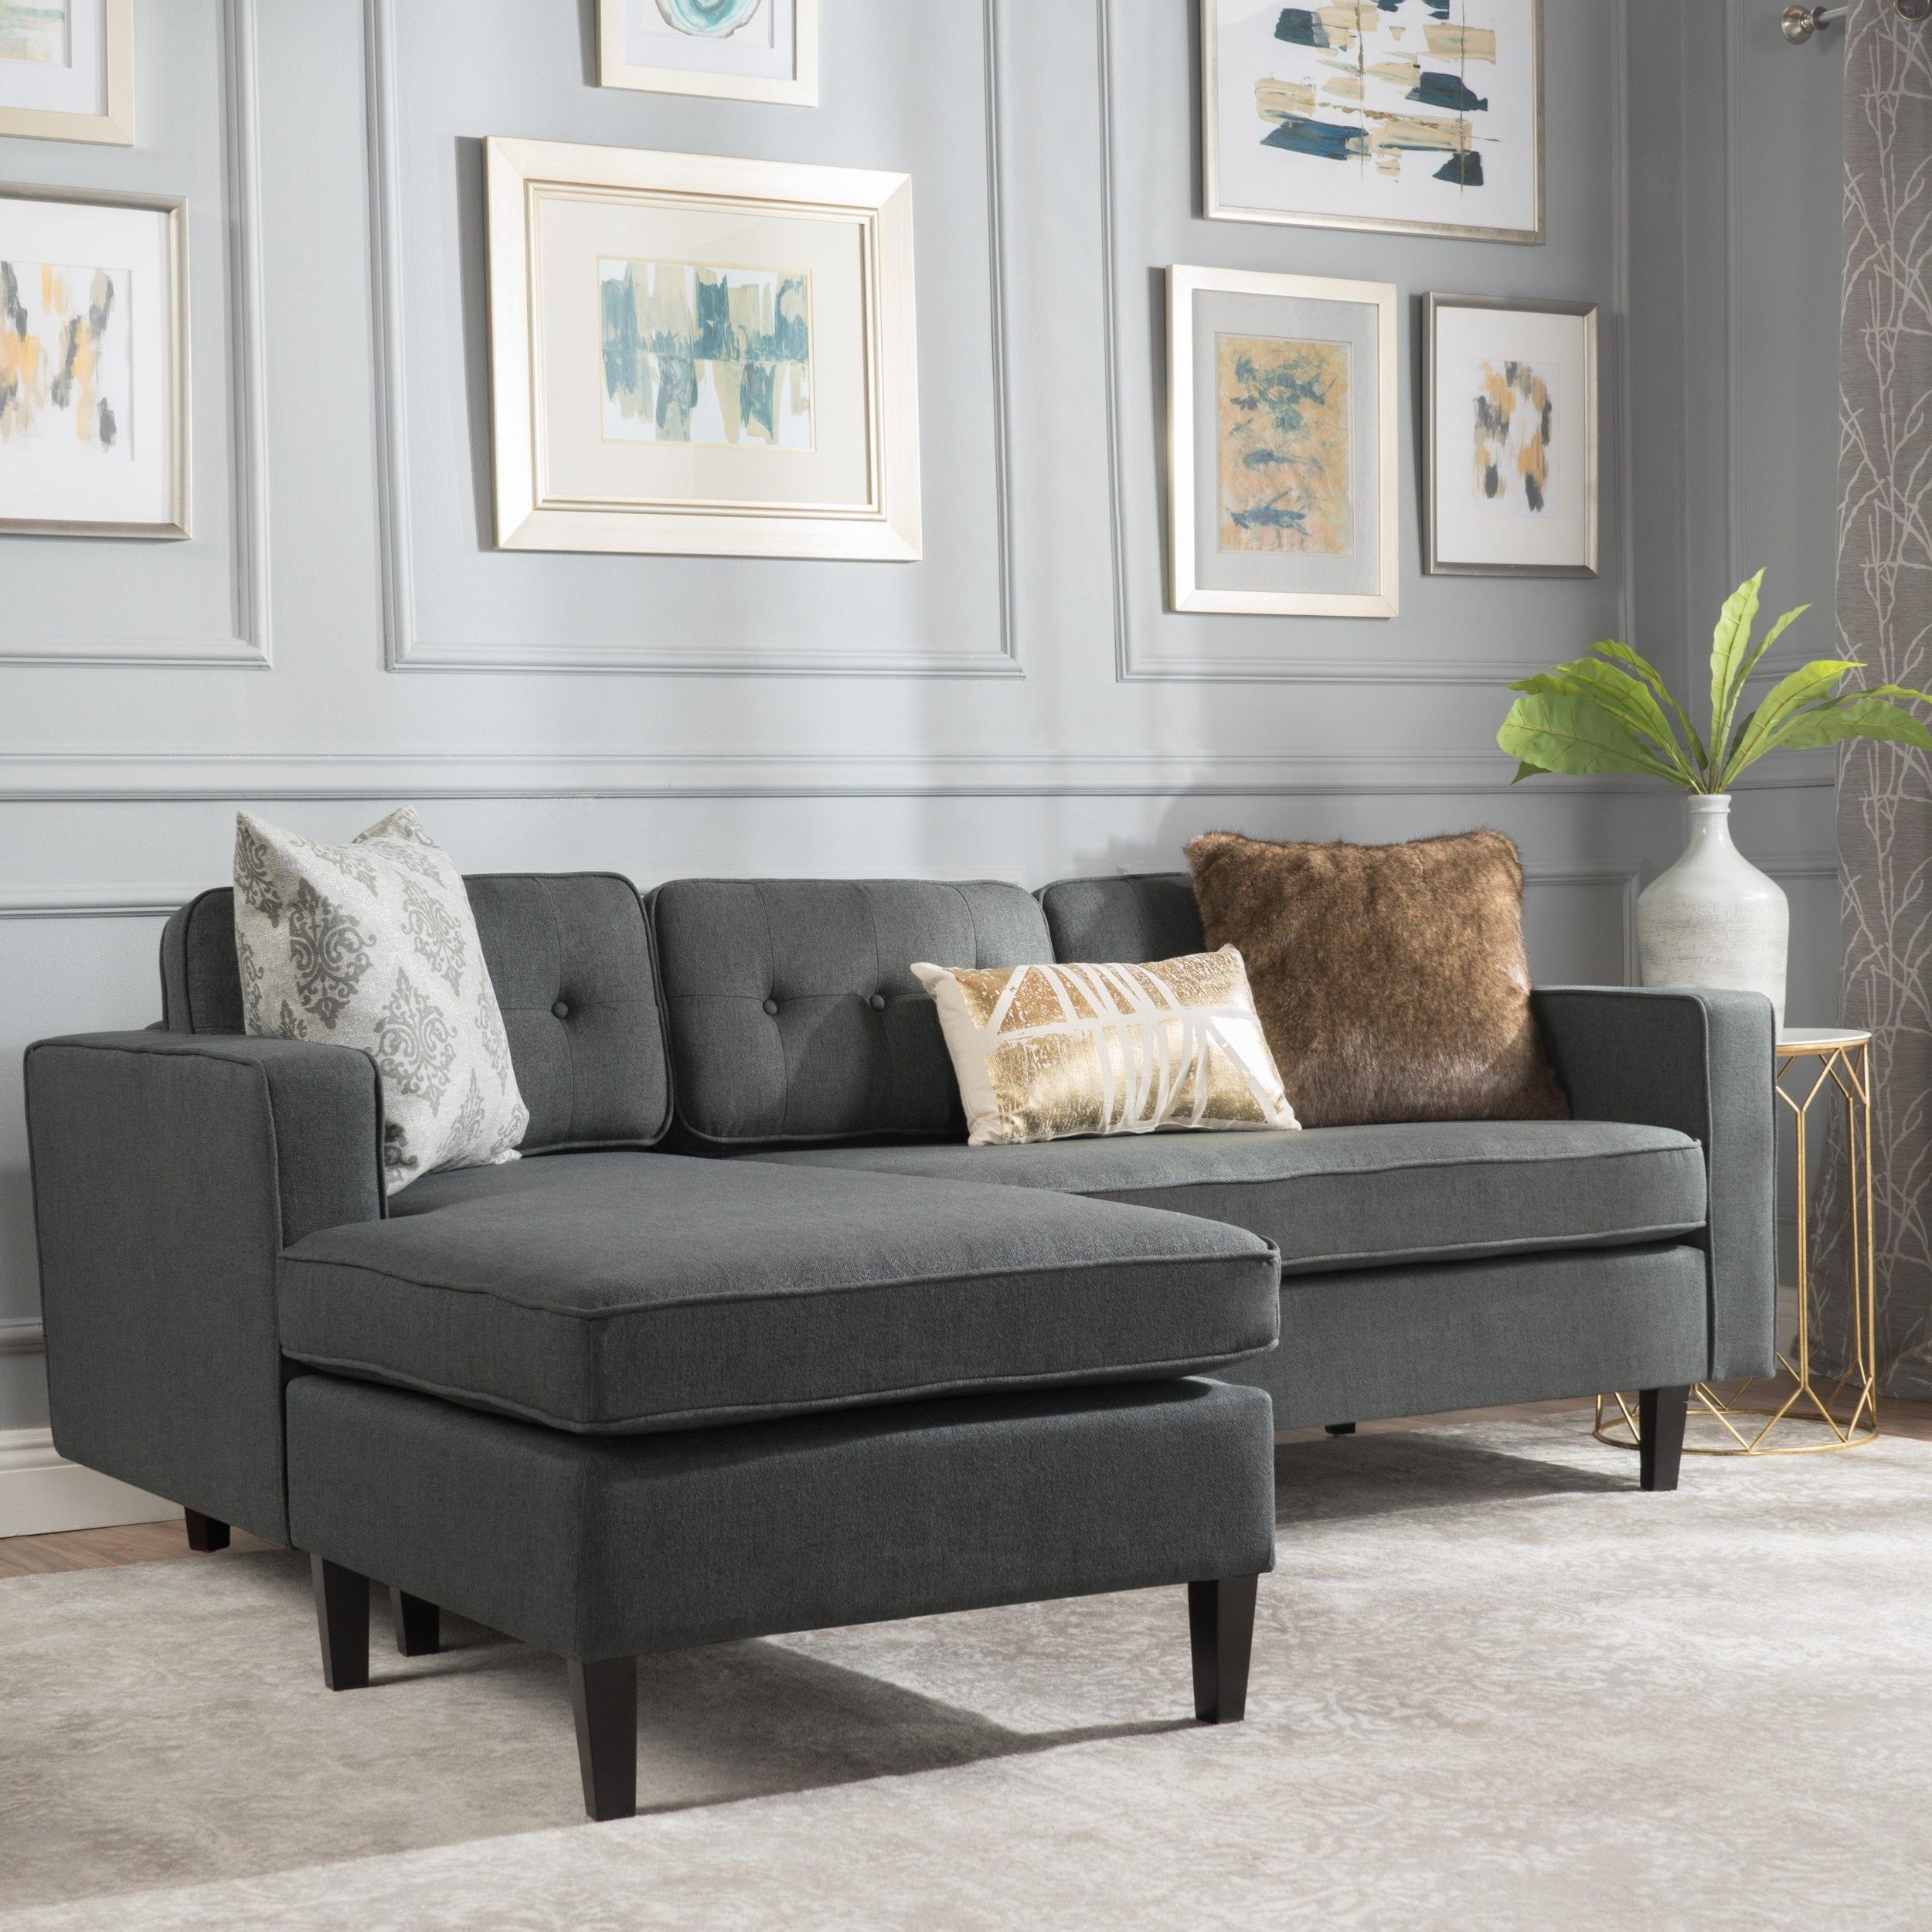 Baci Living Room (View 6 of 20)